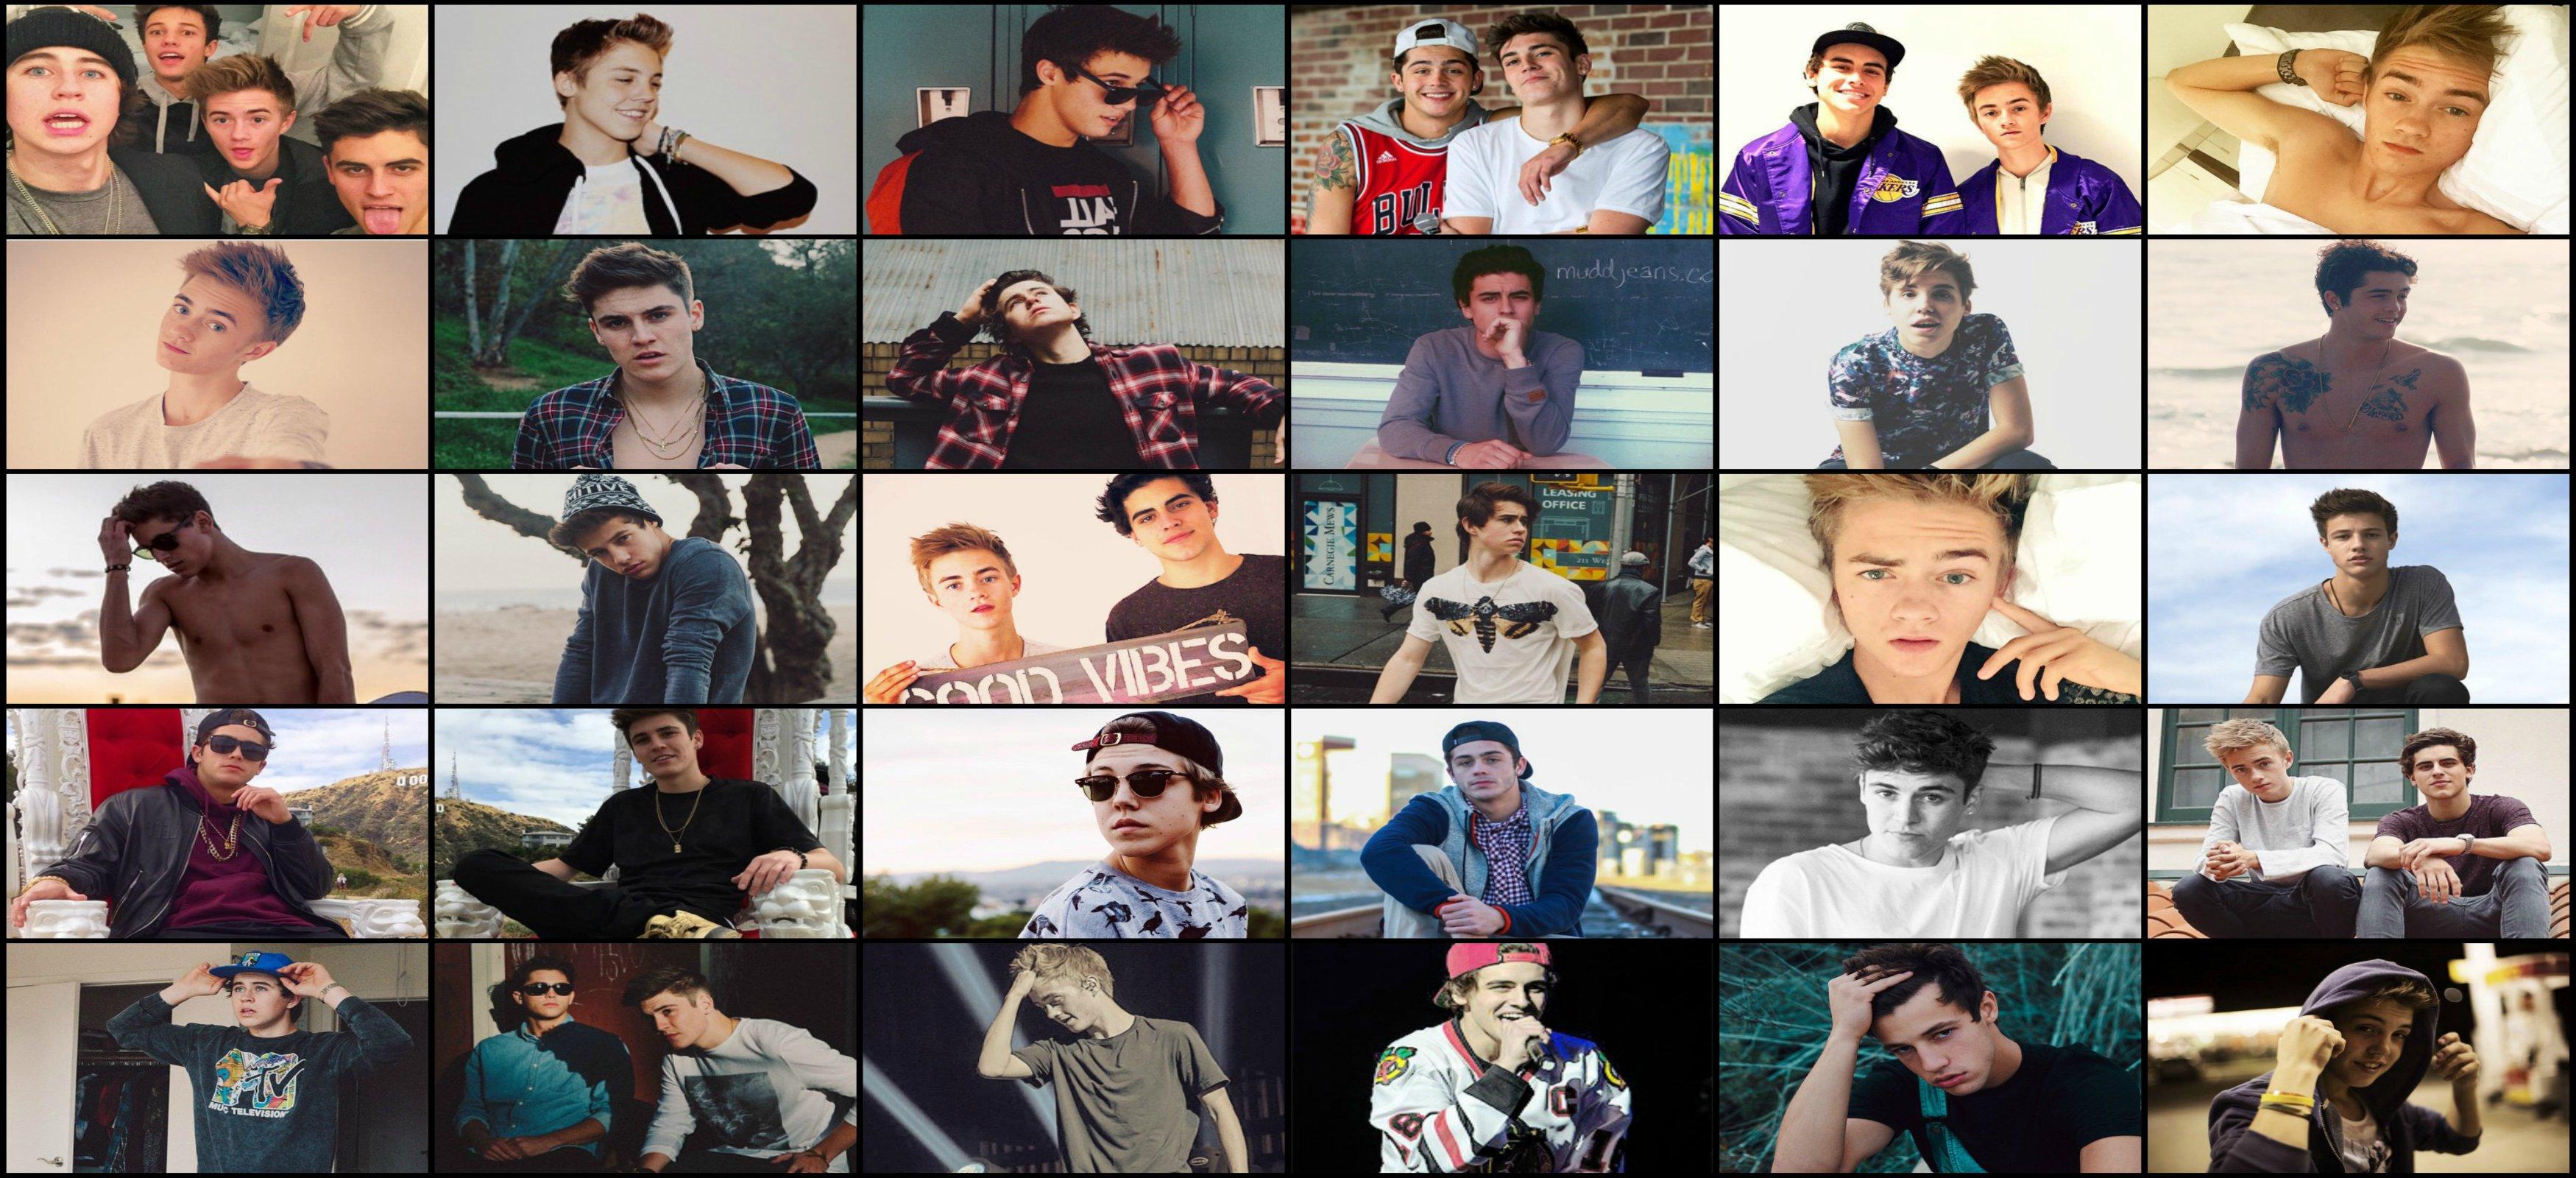 Cameron dallas collage tumblr